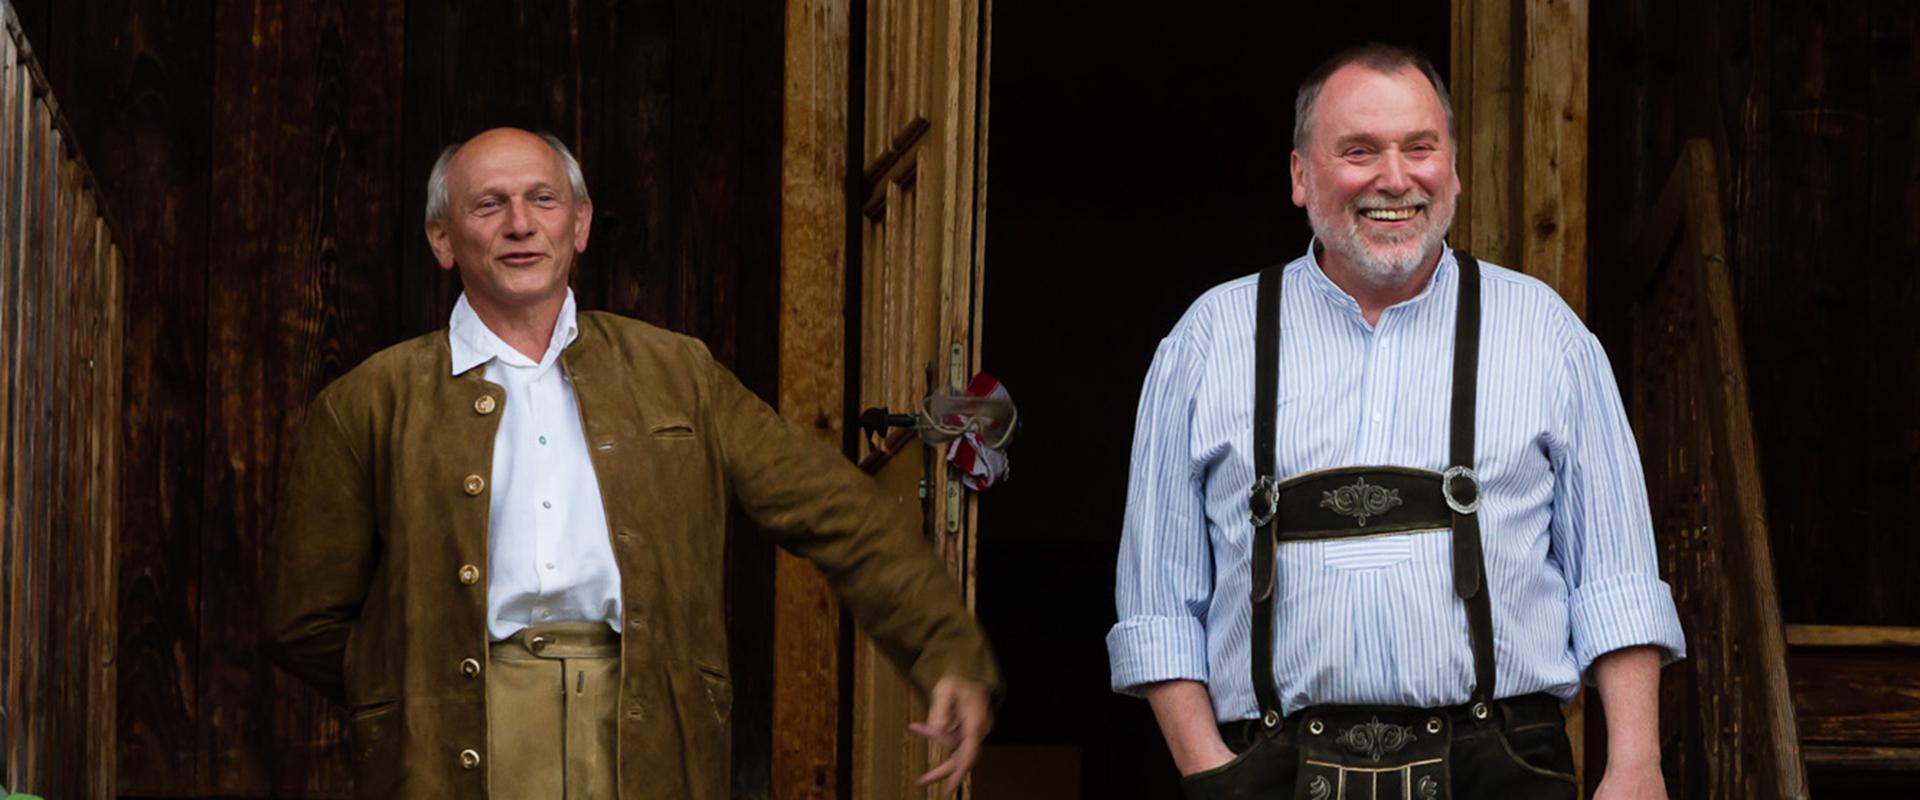 Meisterschüler Richard Sämmer und Werner Broch in Agatharied - Foto: ralf Eiser